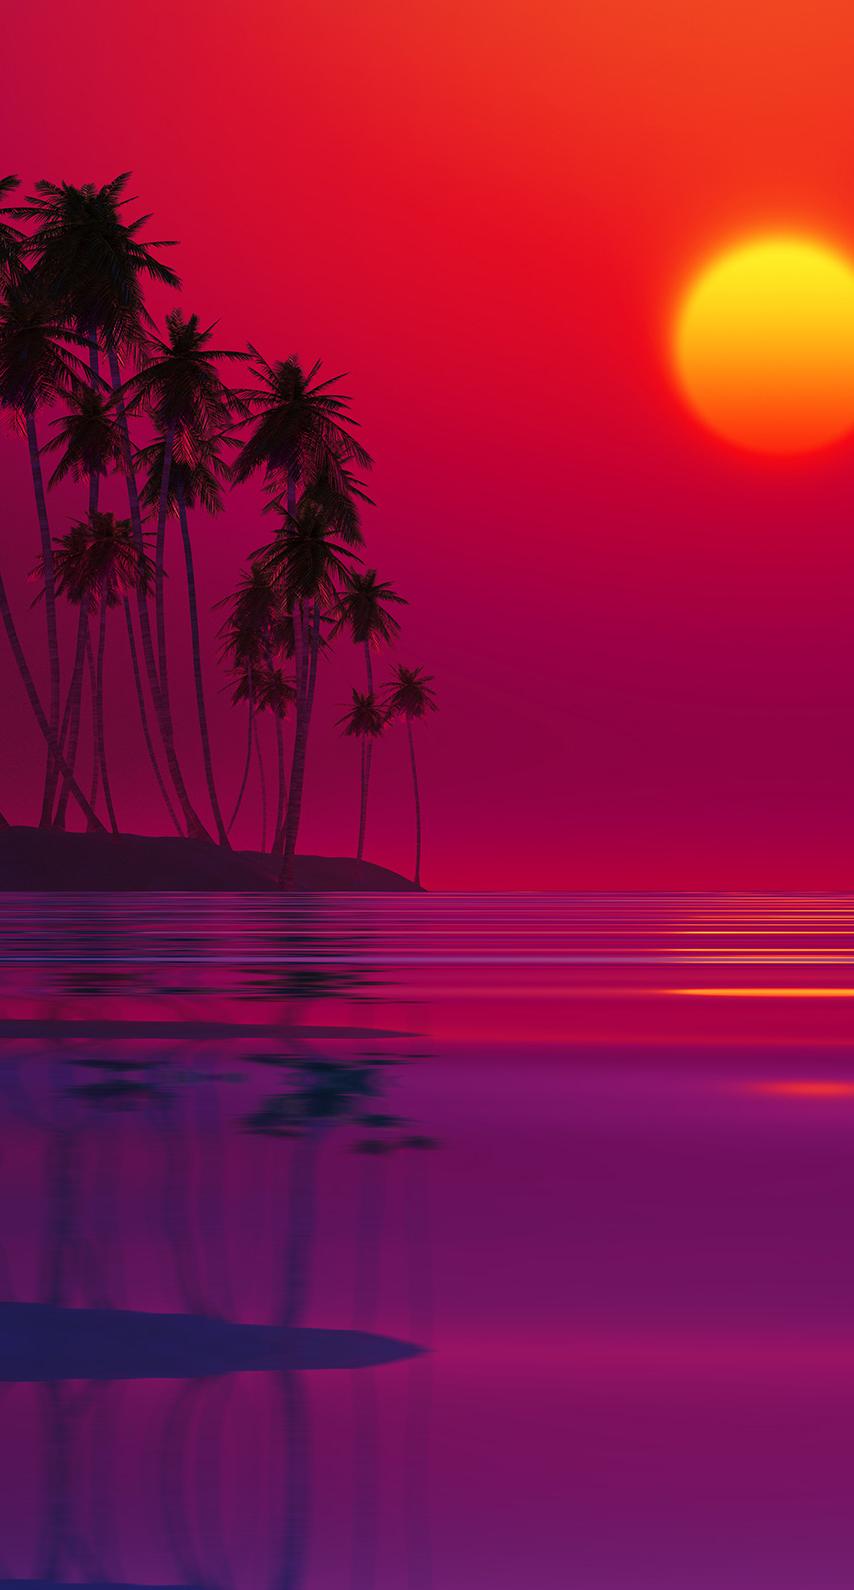 ocean, vacation